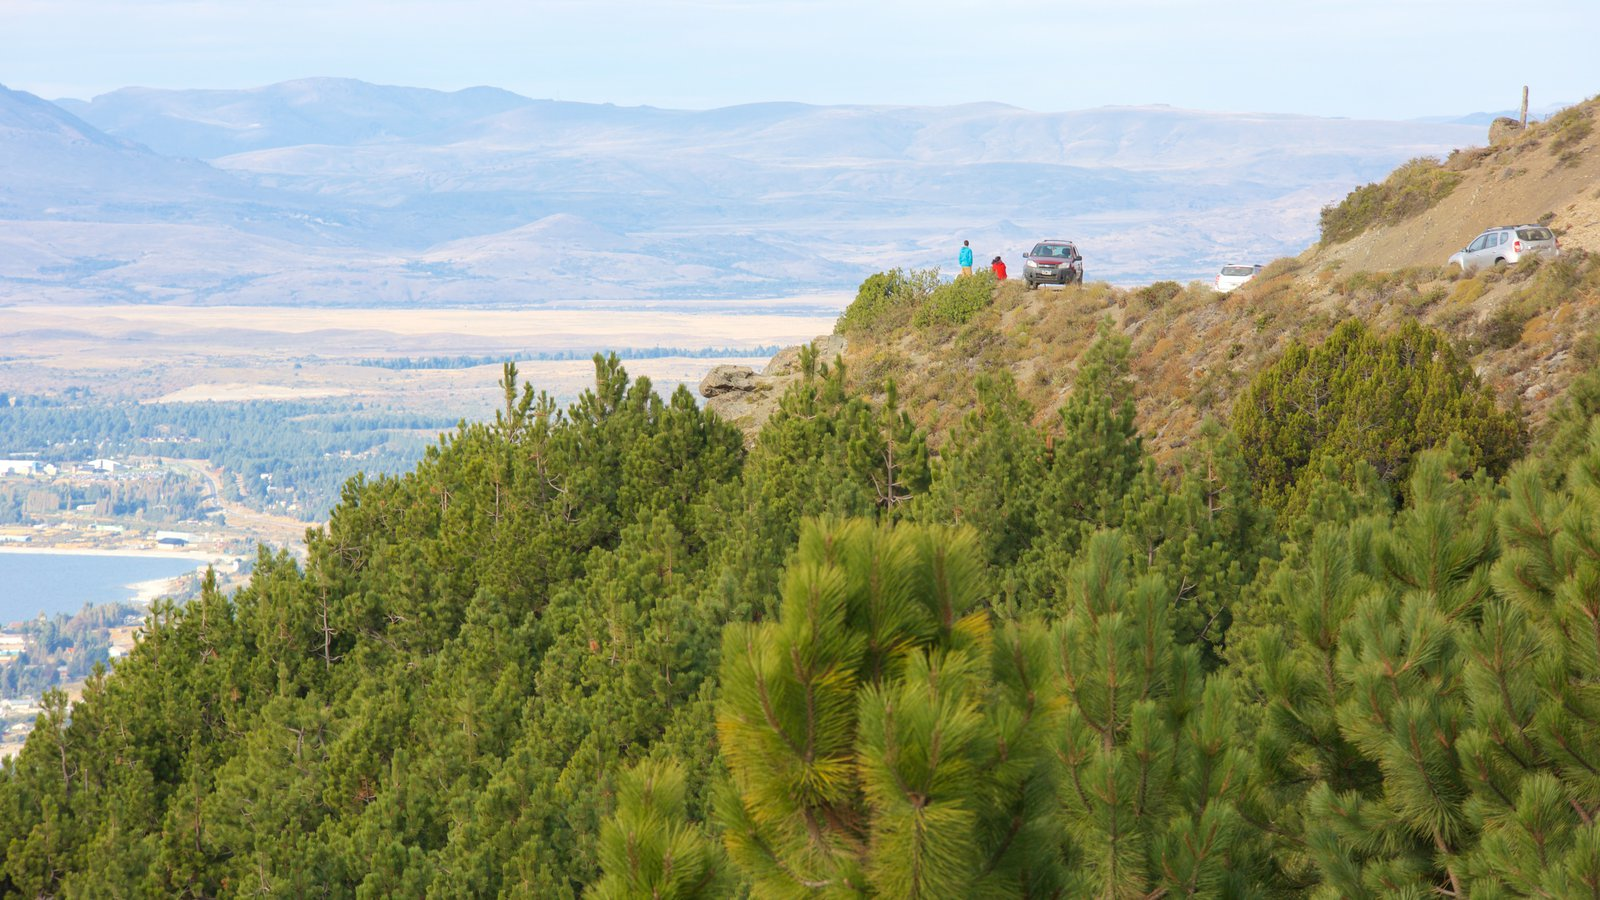 Cerro Otto que inclui florestas e cenas tranquilas